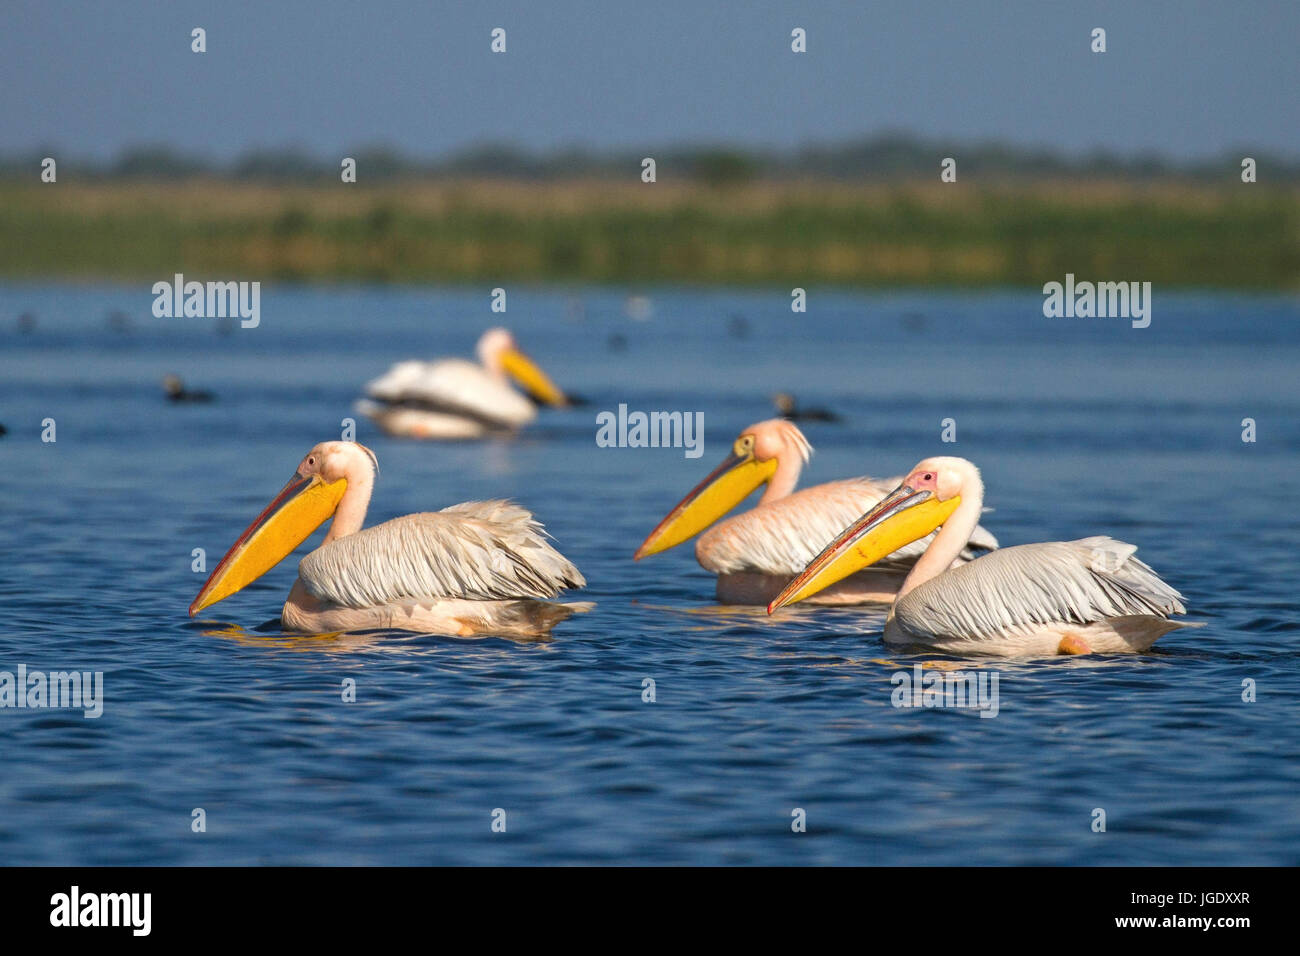 Rose's pelican, Pelecanus onocrotalus, Rosapelikan (Pelecanus onocrotalus) Stock Photo